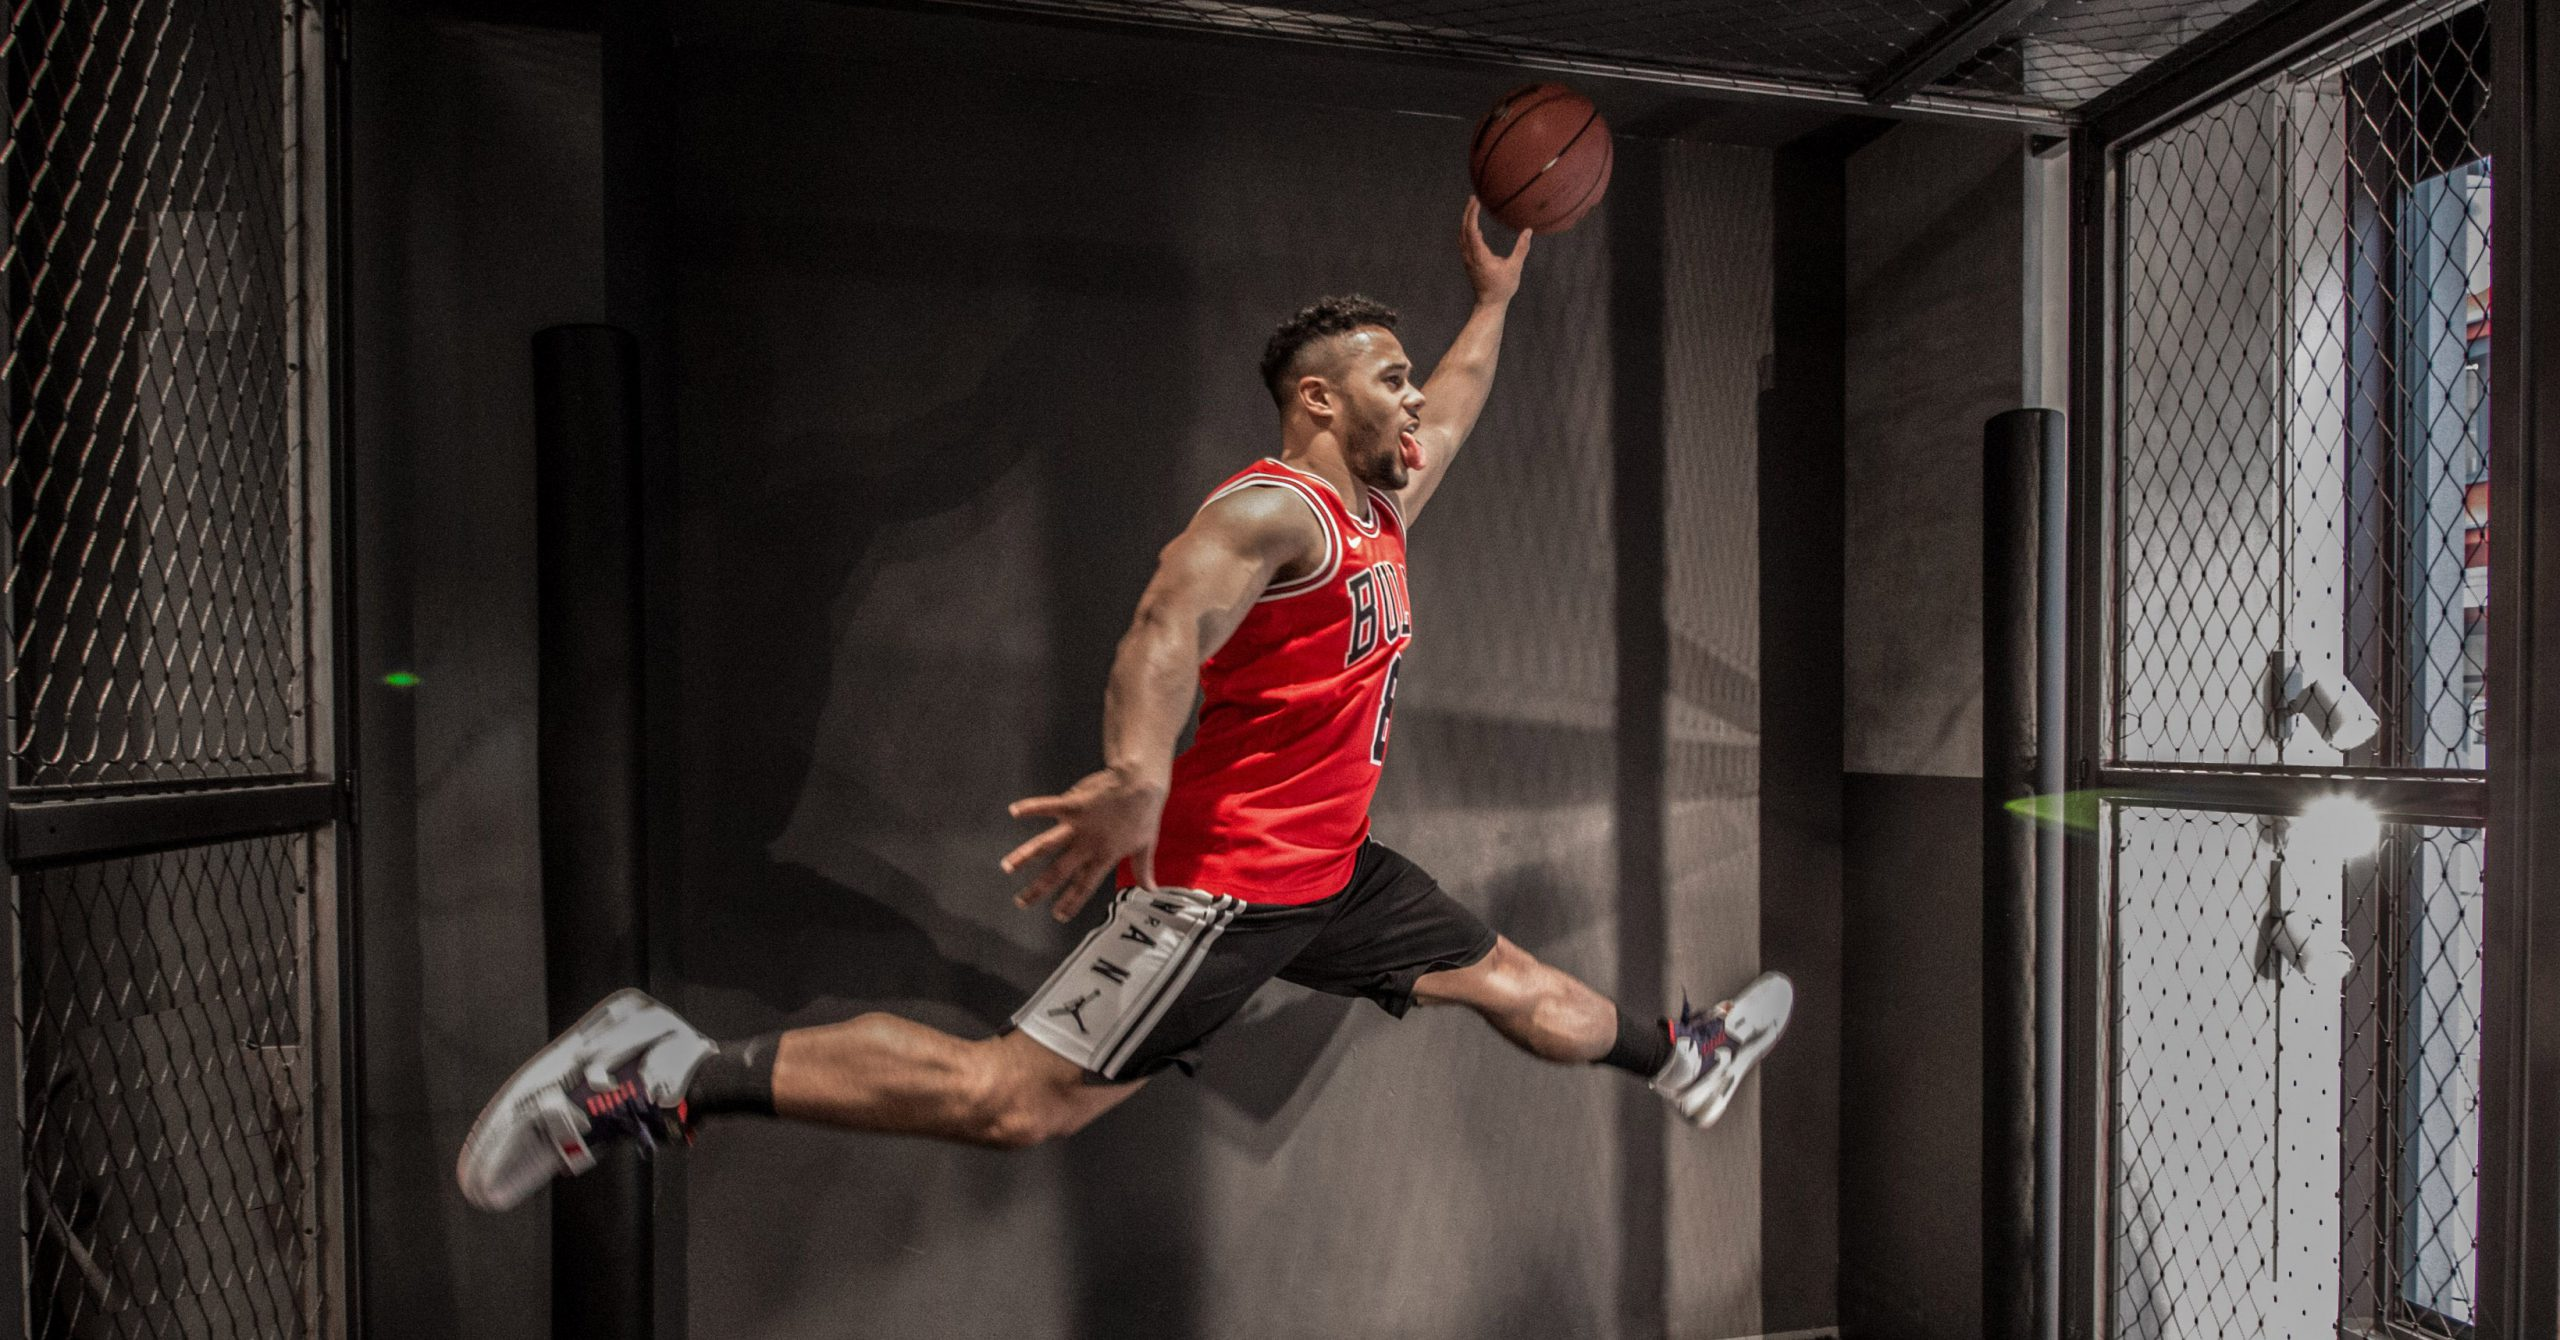 NEW IN: Jordan